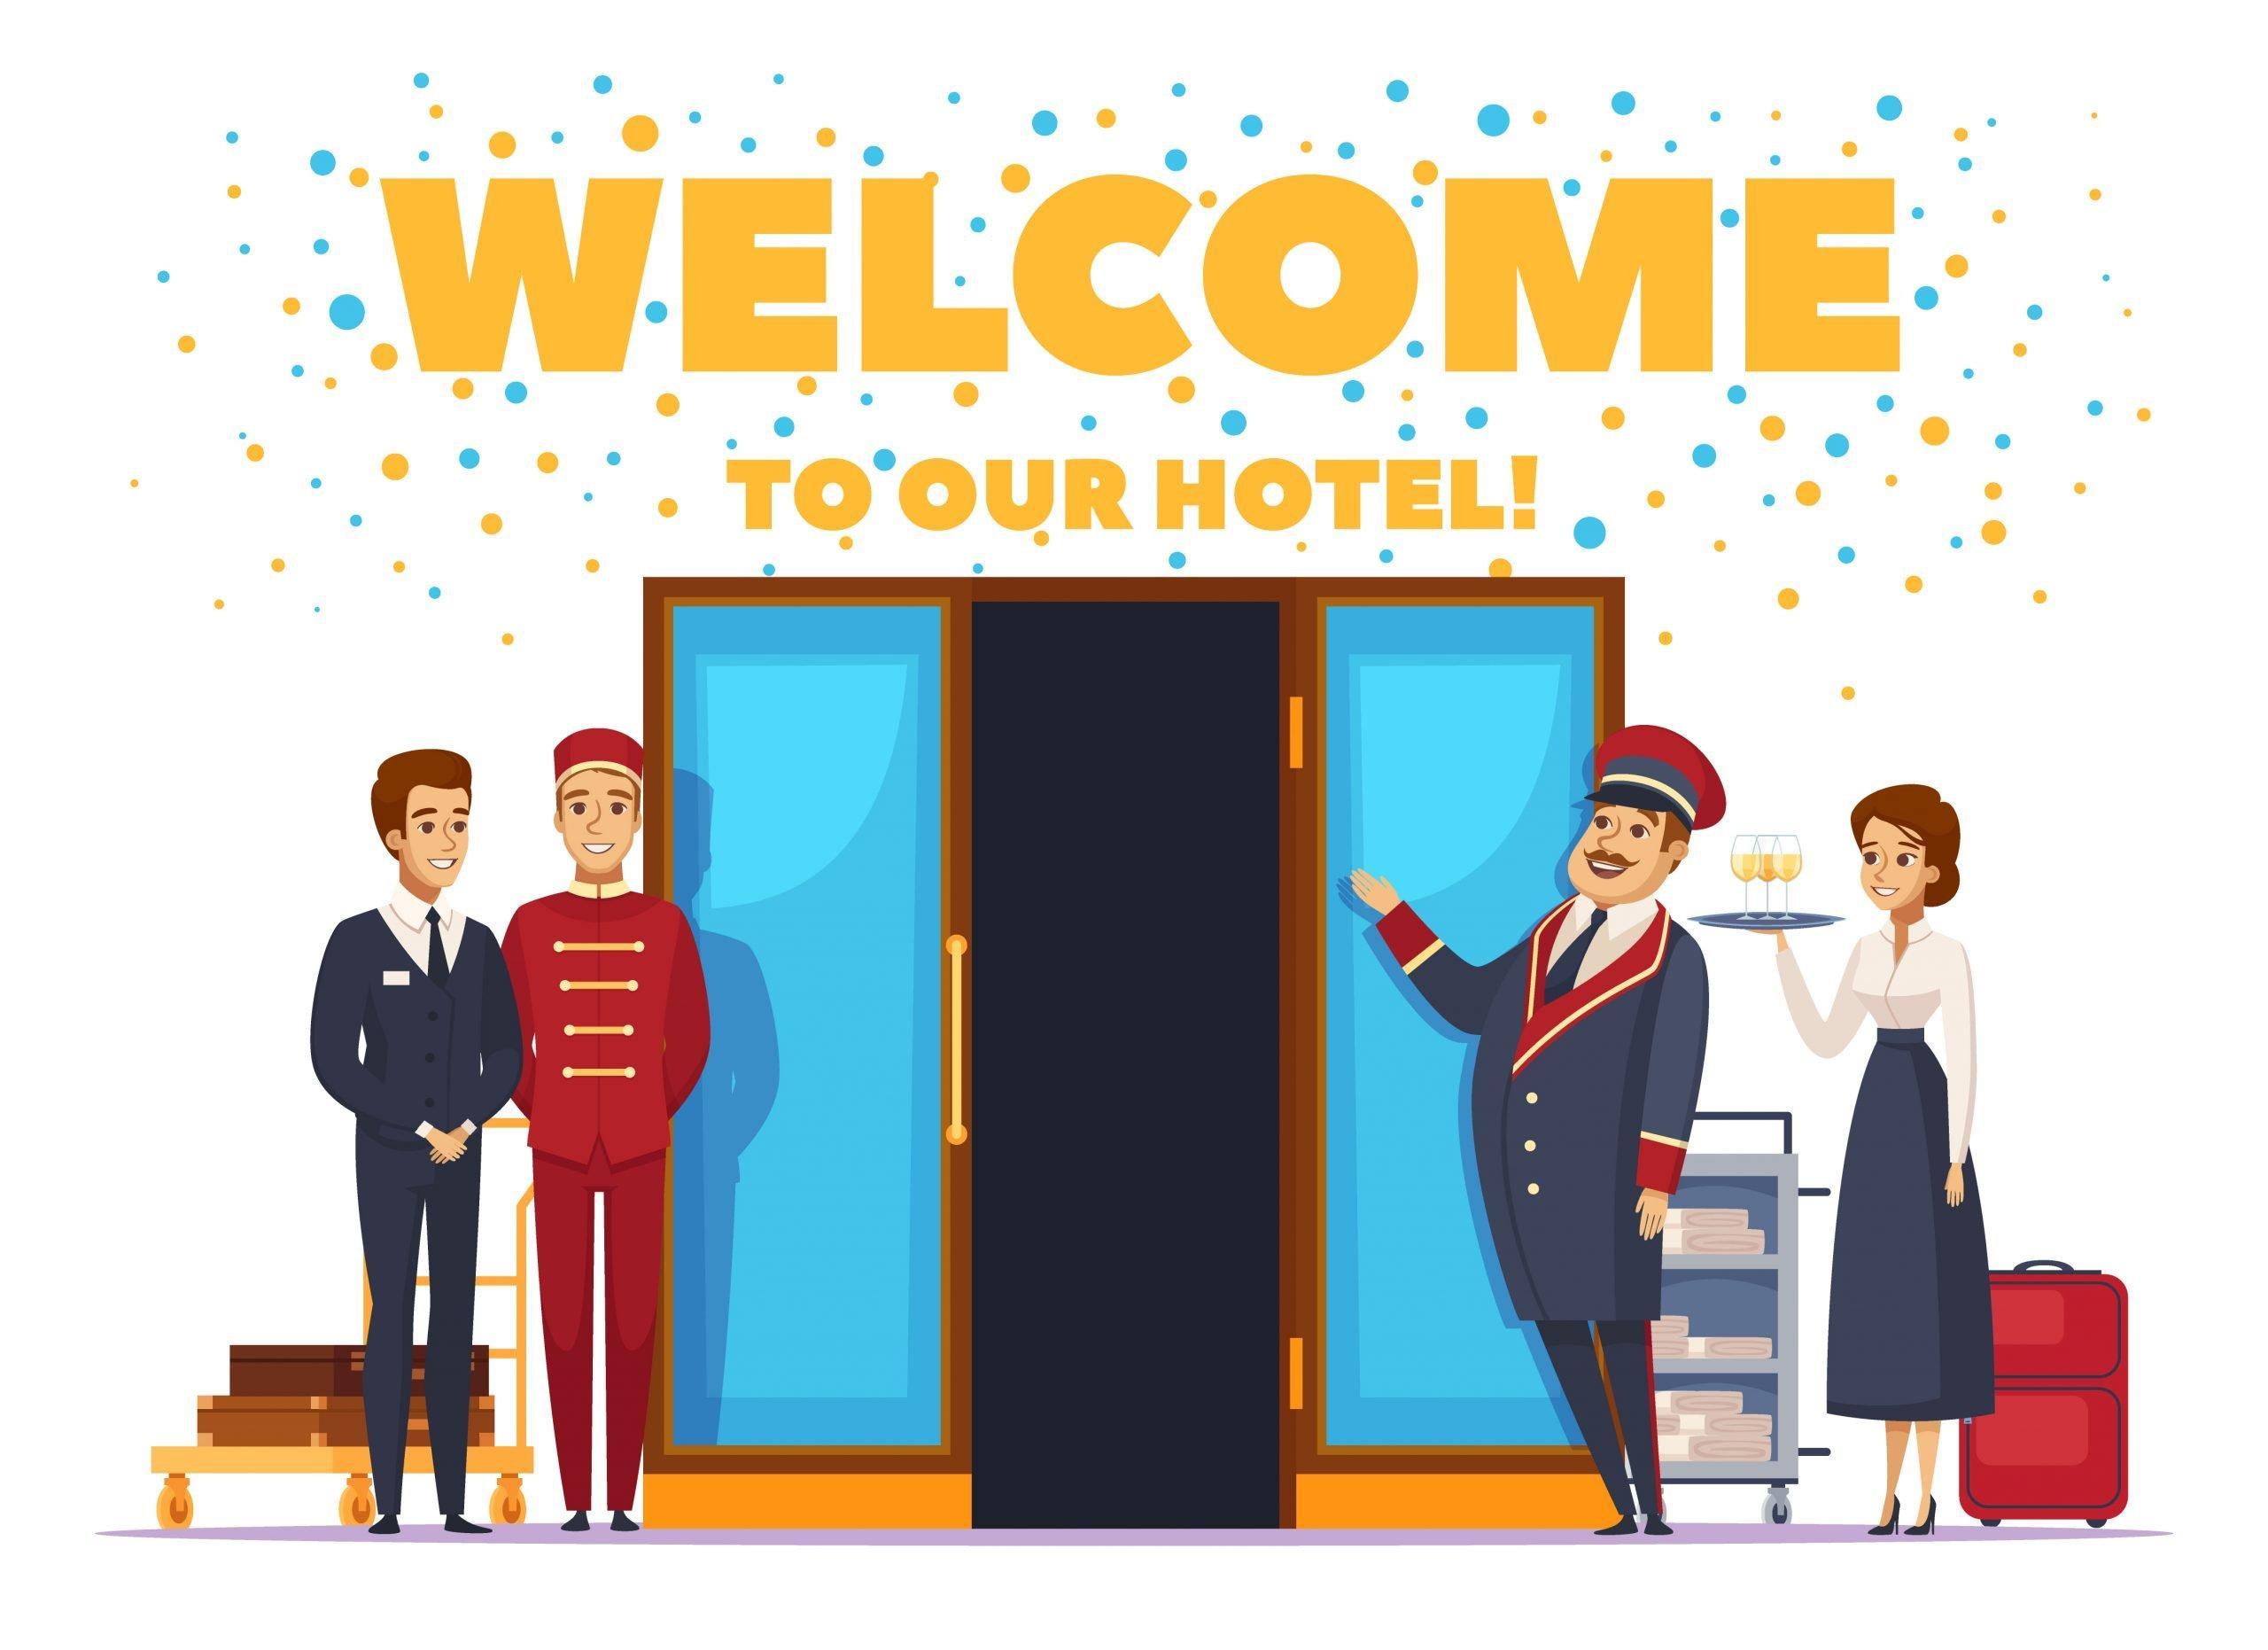 Γιατί εν καιρώ πανδημίας ανοίγουν τόσο πολλά ξενοδοχεία;